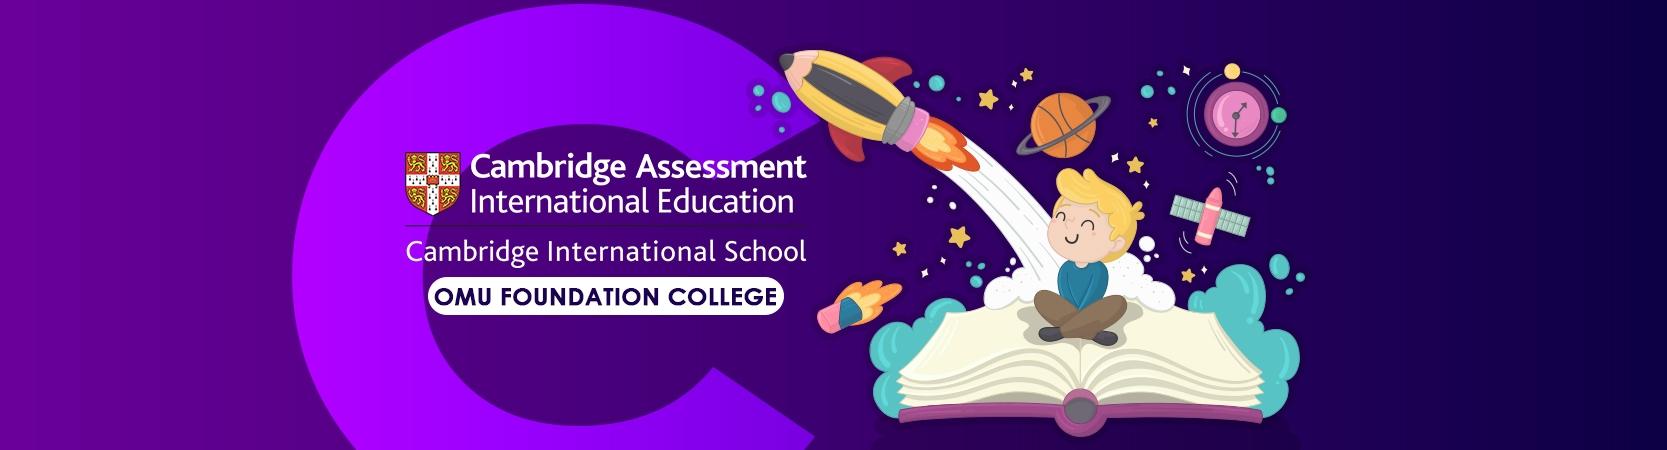 OMÜ Vakfı Koleji Cambridge International School Hazırlıkları Başlıyor